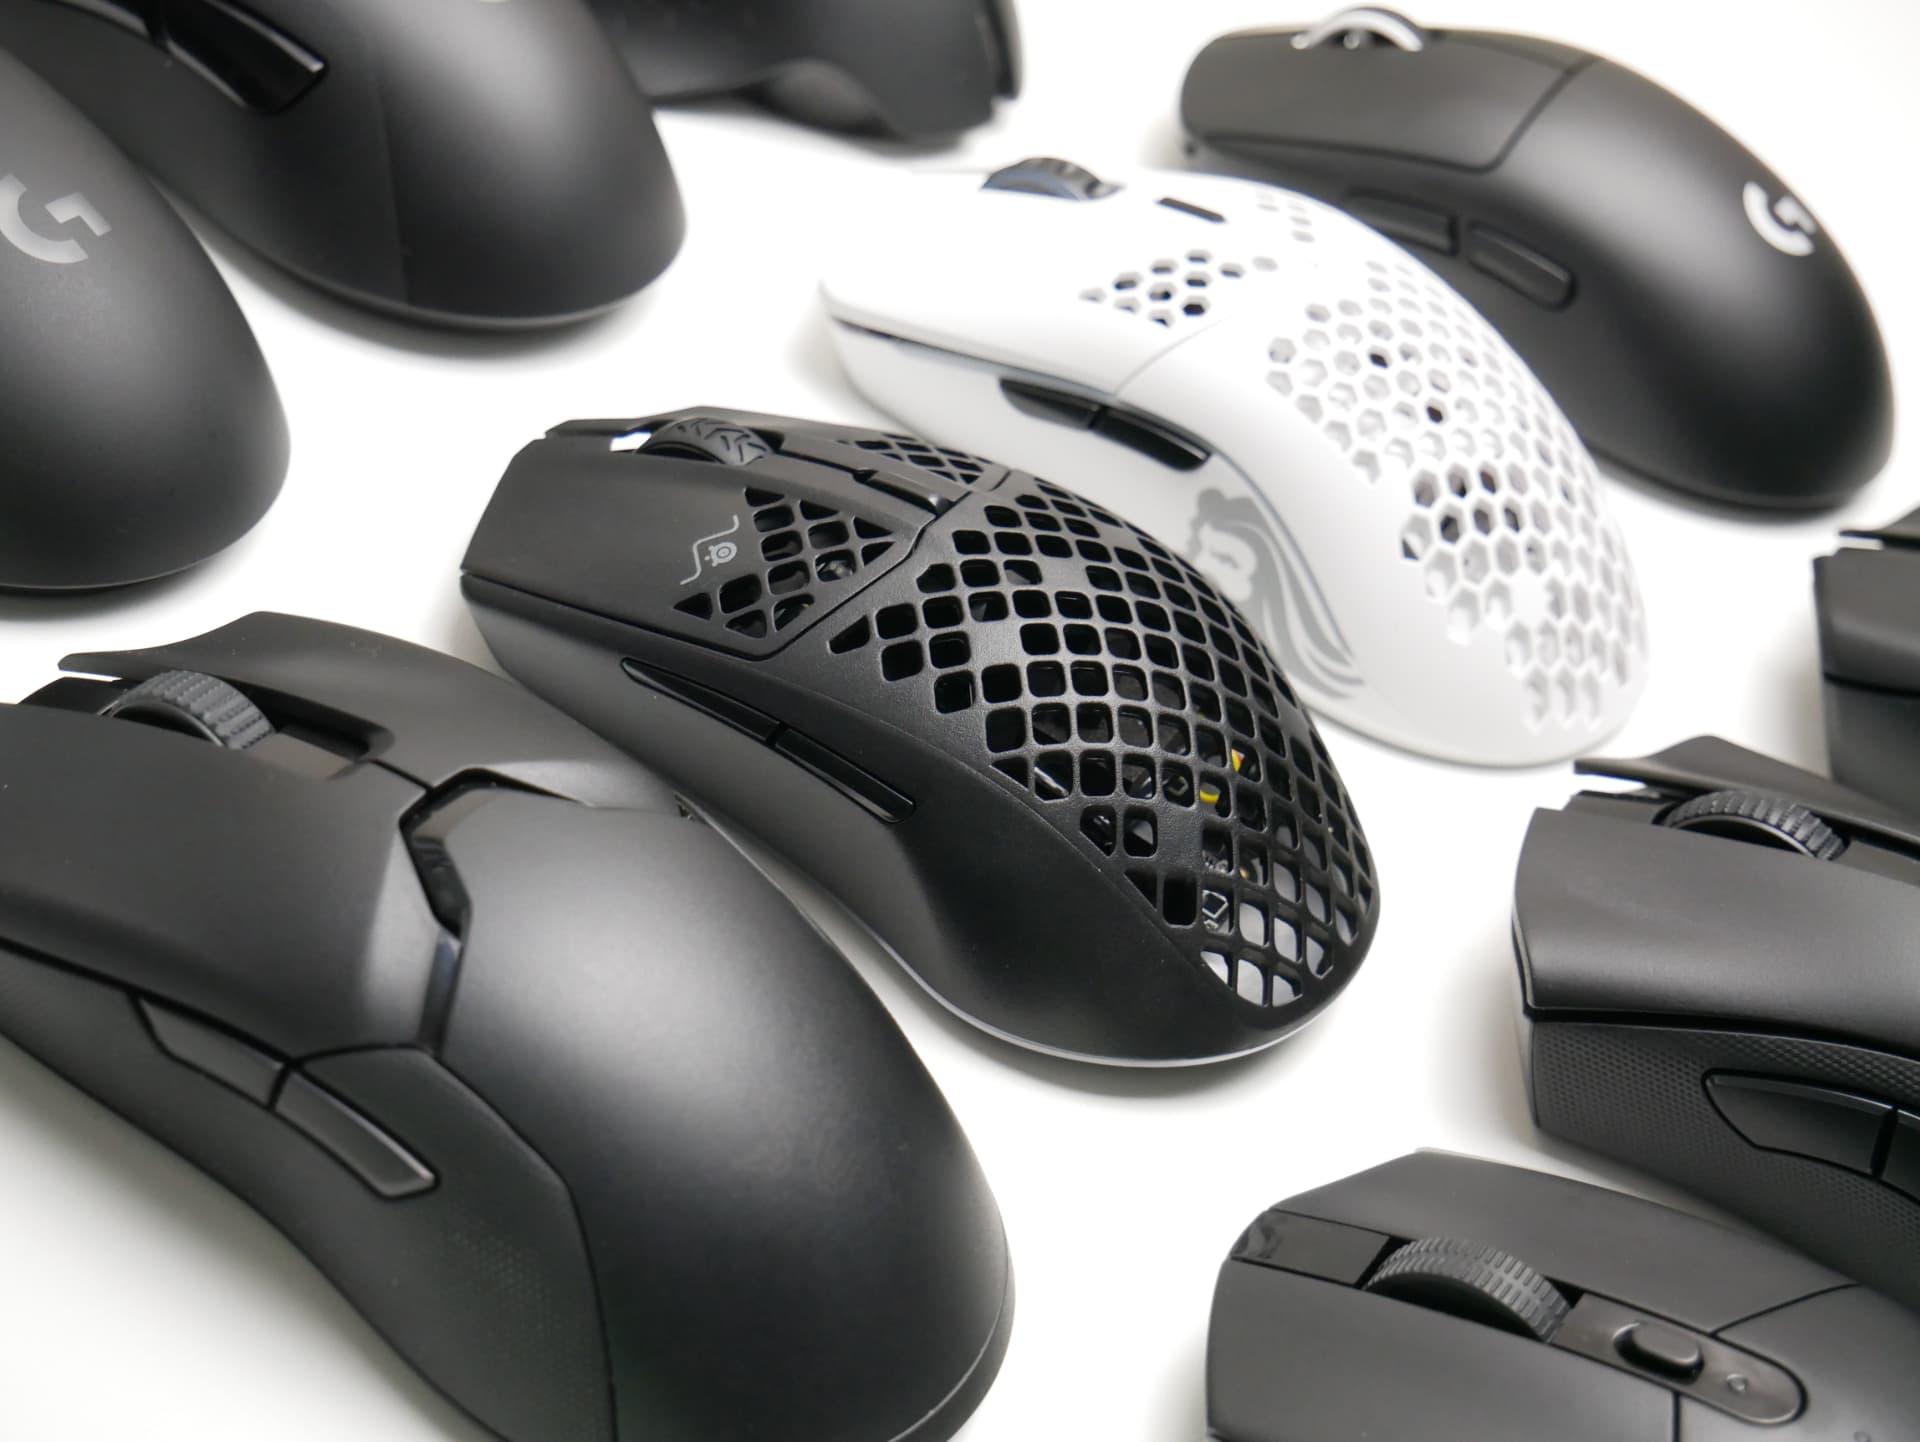 【2021年最新版】おすすめの無線ゲーミングマウス10選。人気の最新機種を含む30種以上を検証済み